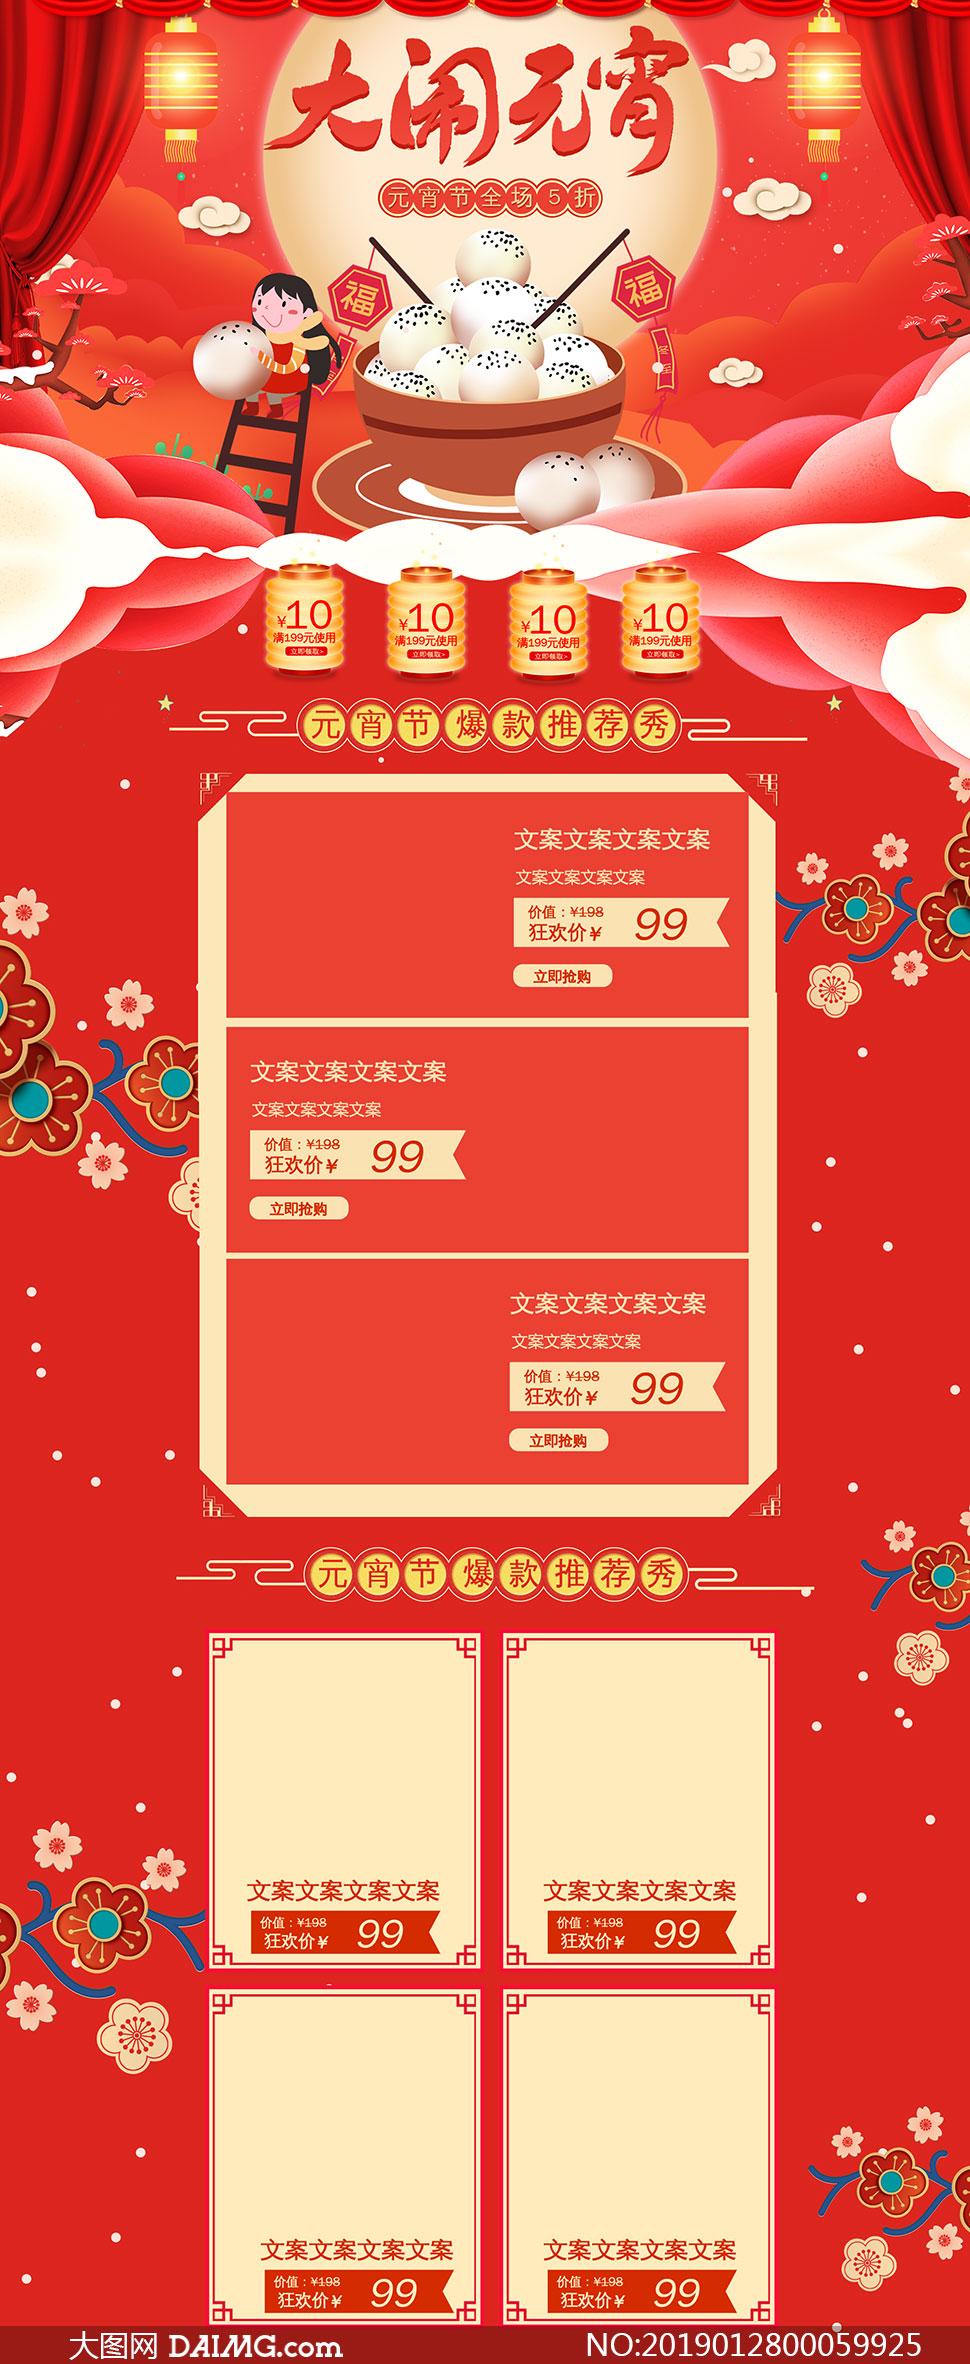 淘宝元宵节首页设计模板PSD素材